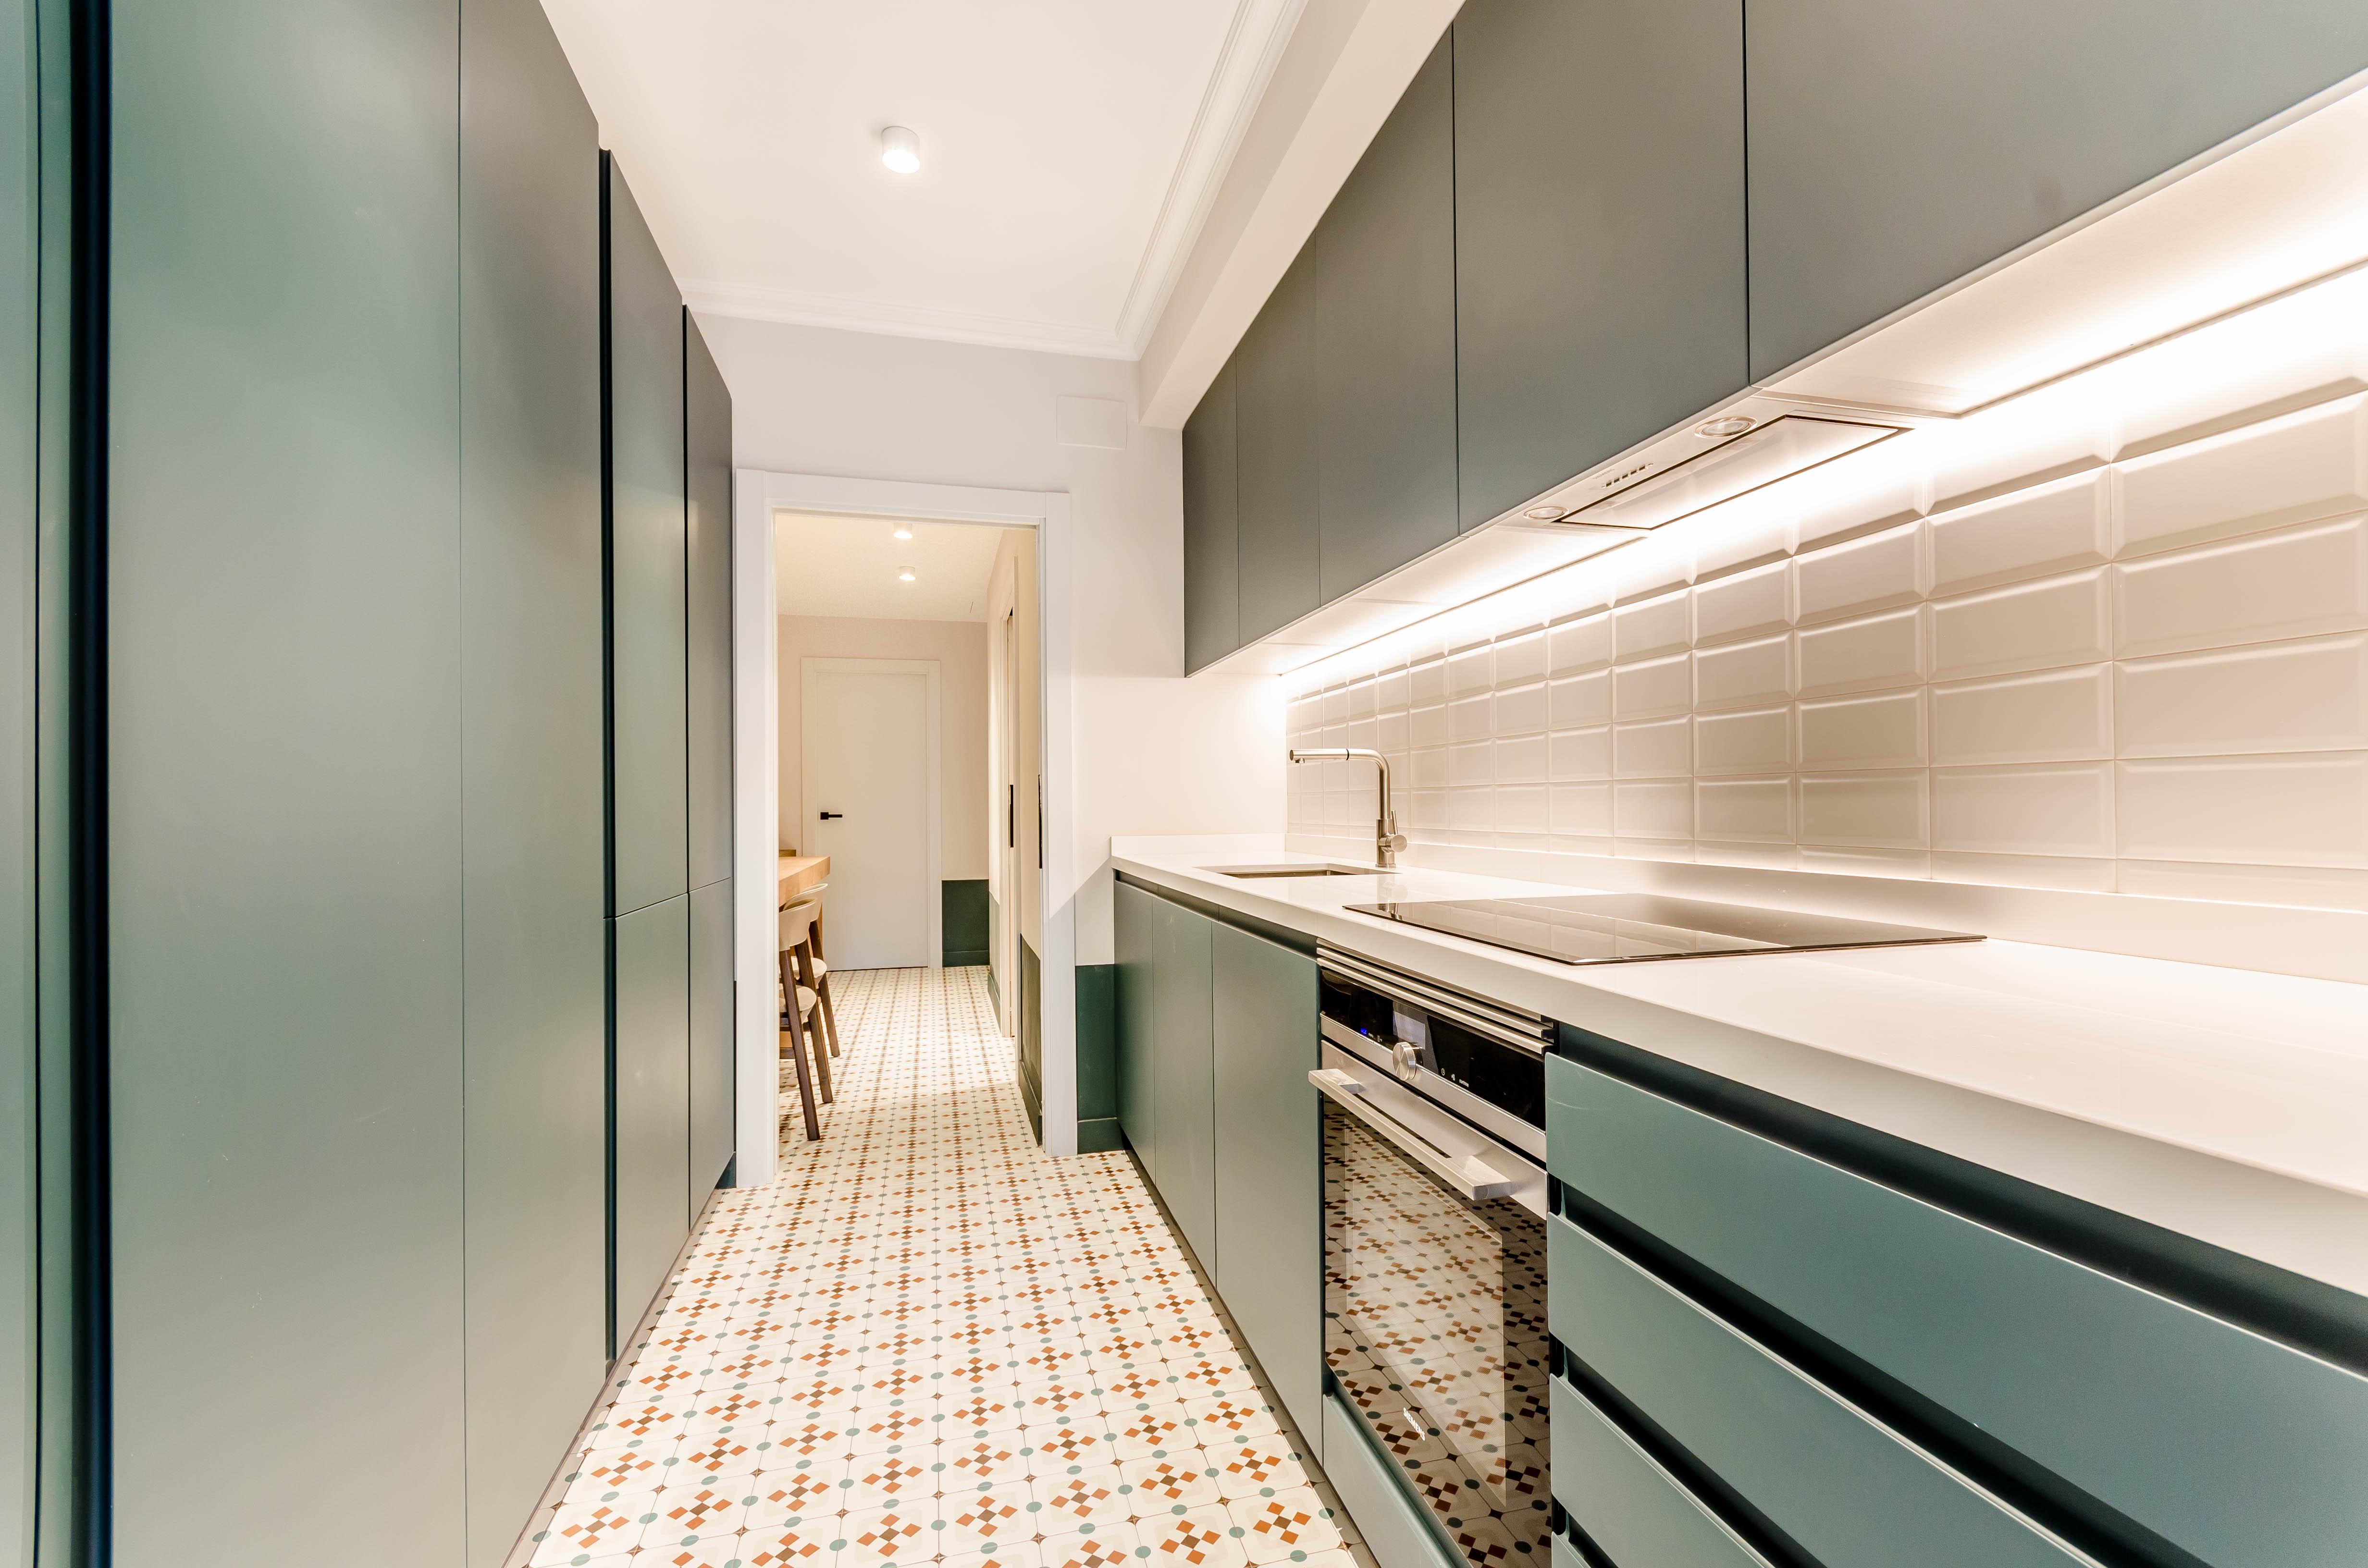 Piso en Barcelona - eixample. Balc�n.3 bedrooms. For sale: 435.000 €.